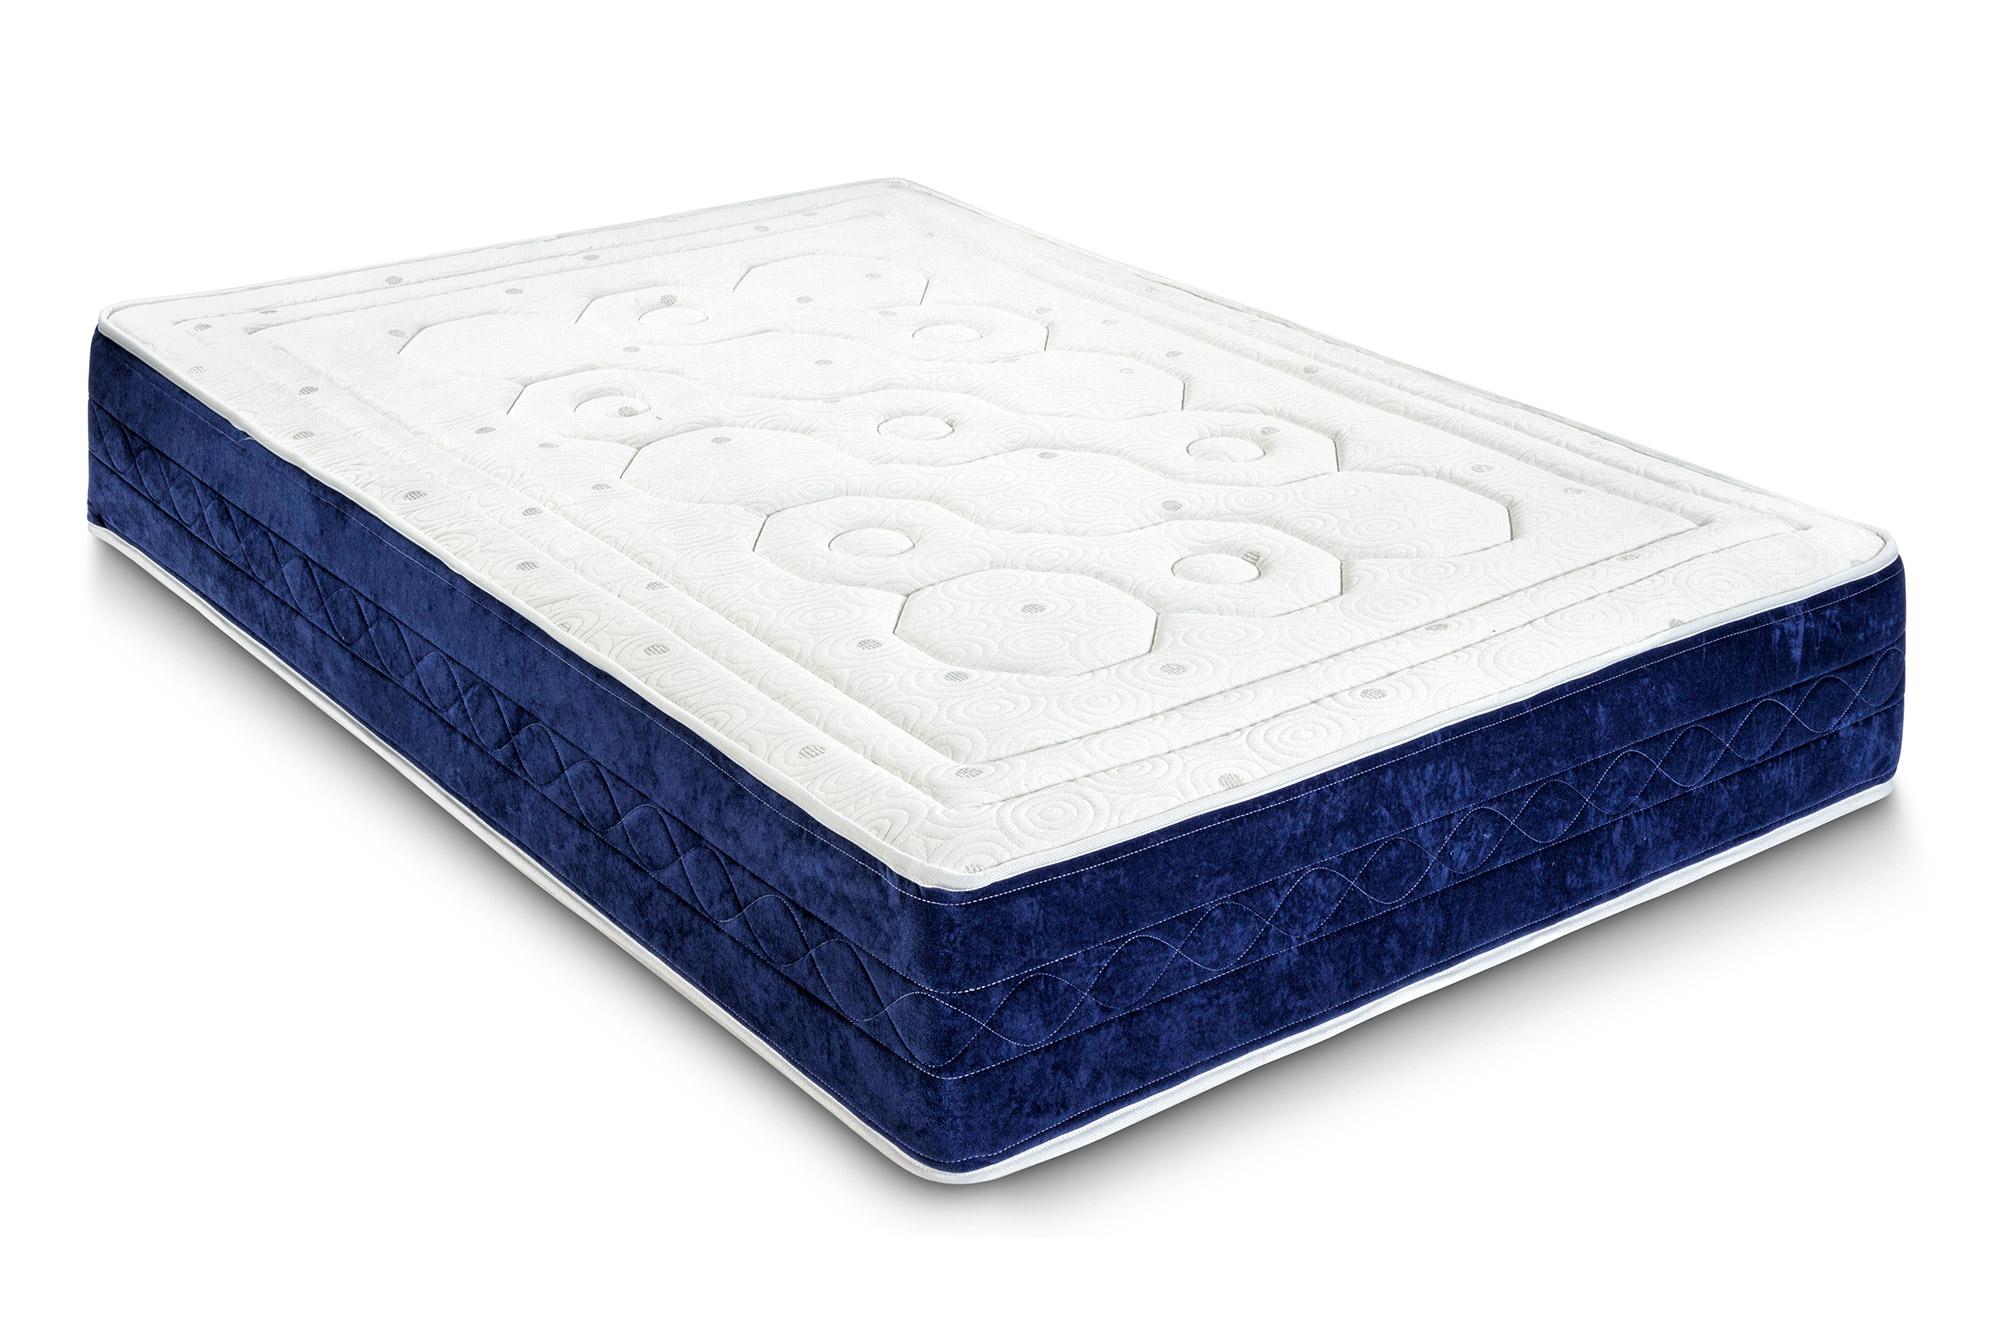 Matelas haute gamme  total confort - équilibré 140x190 -MURANO